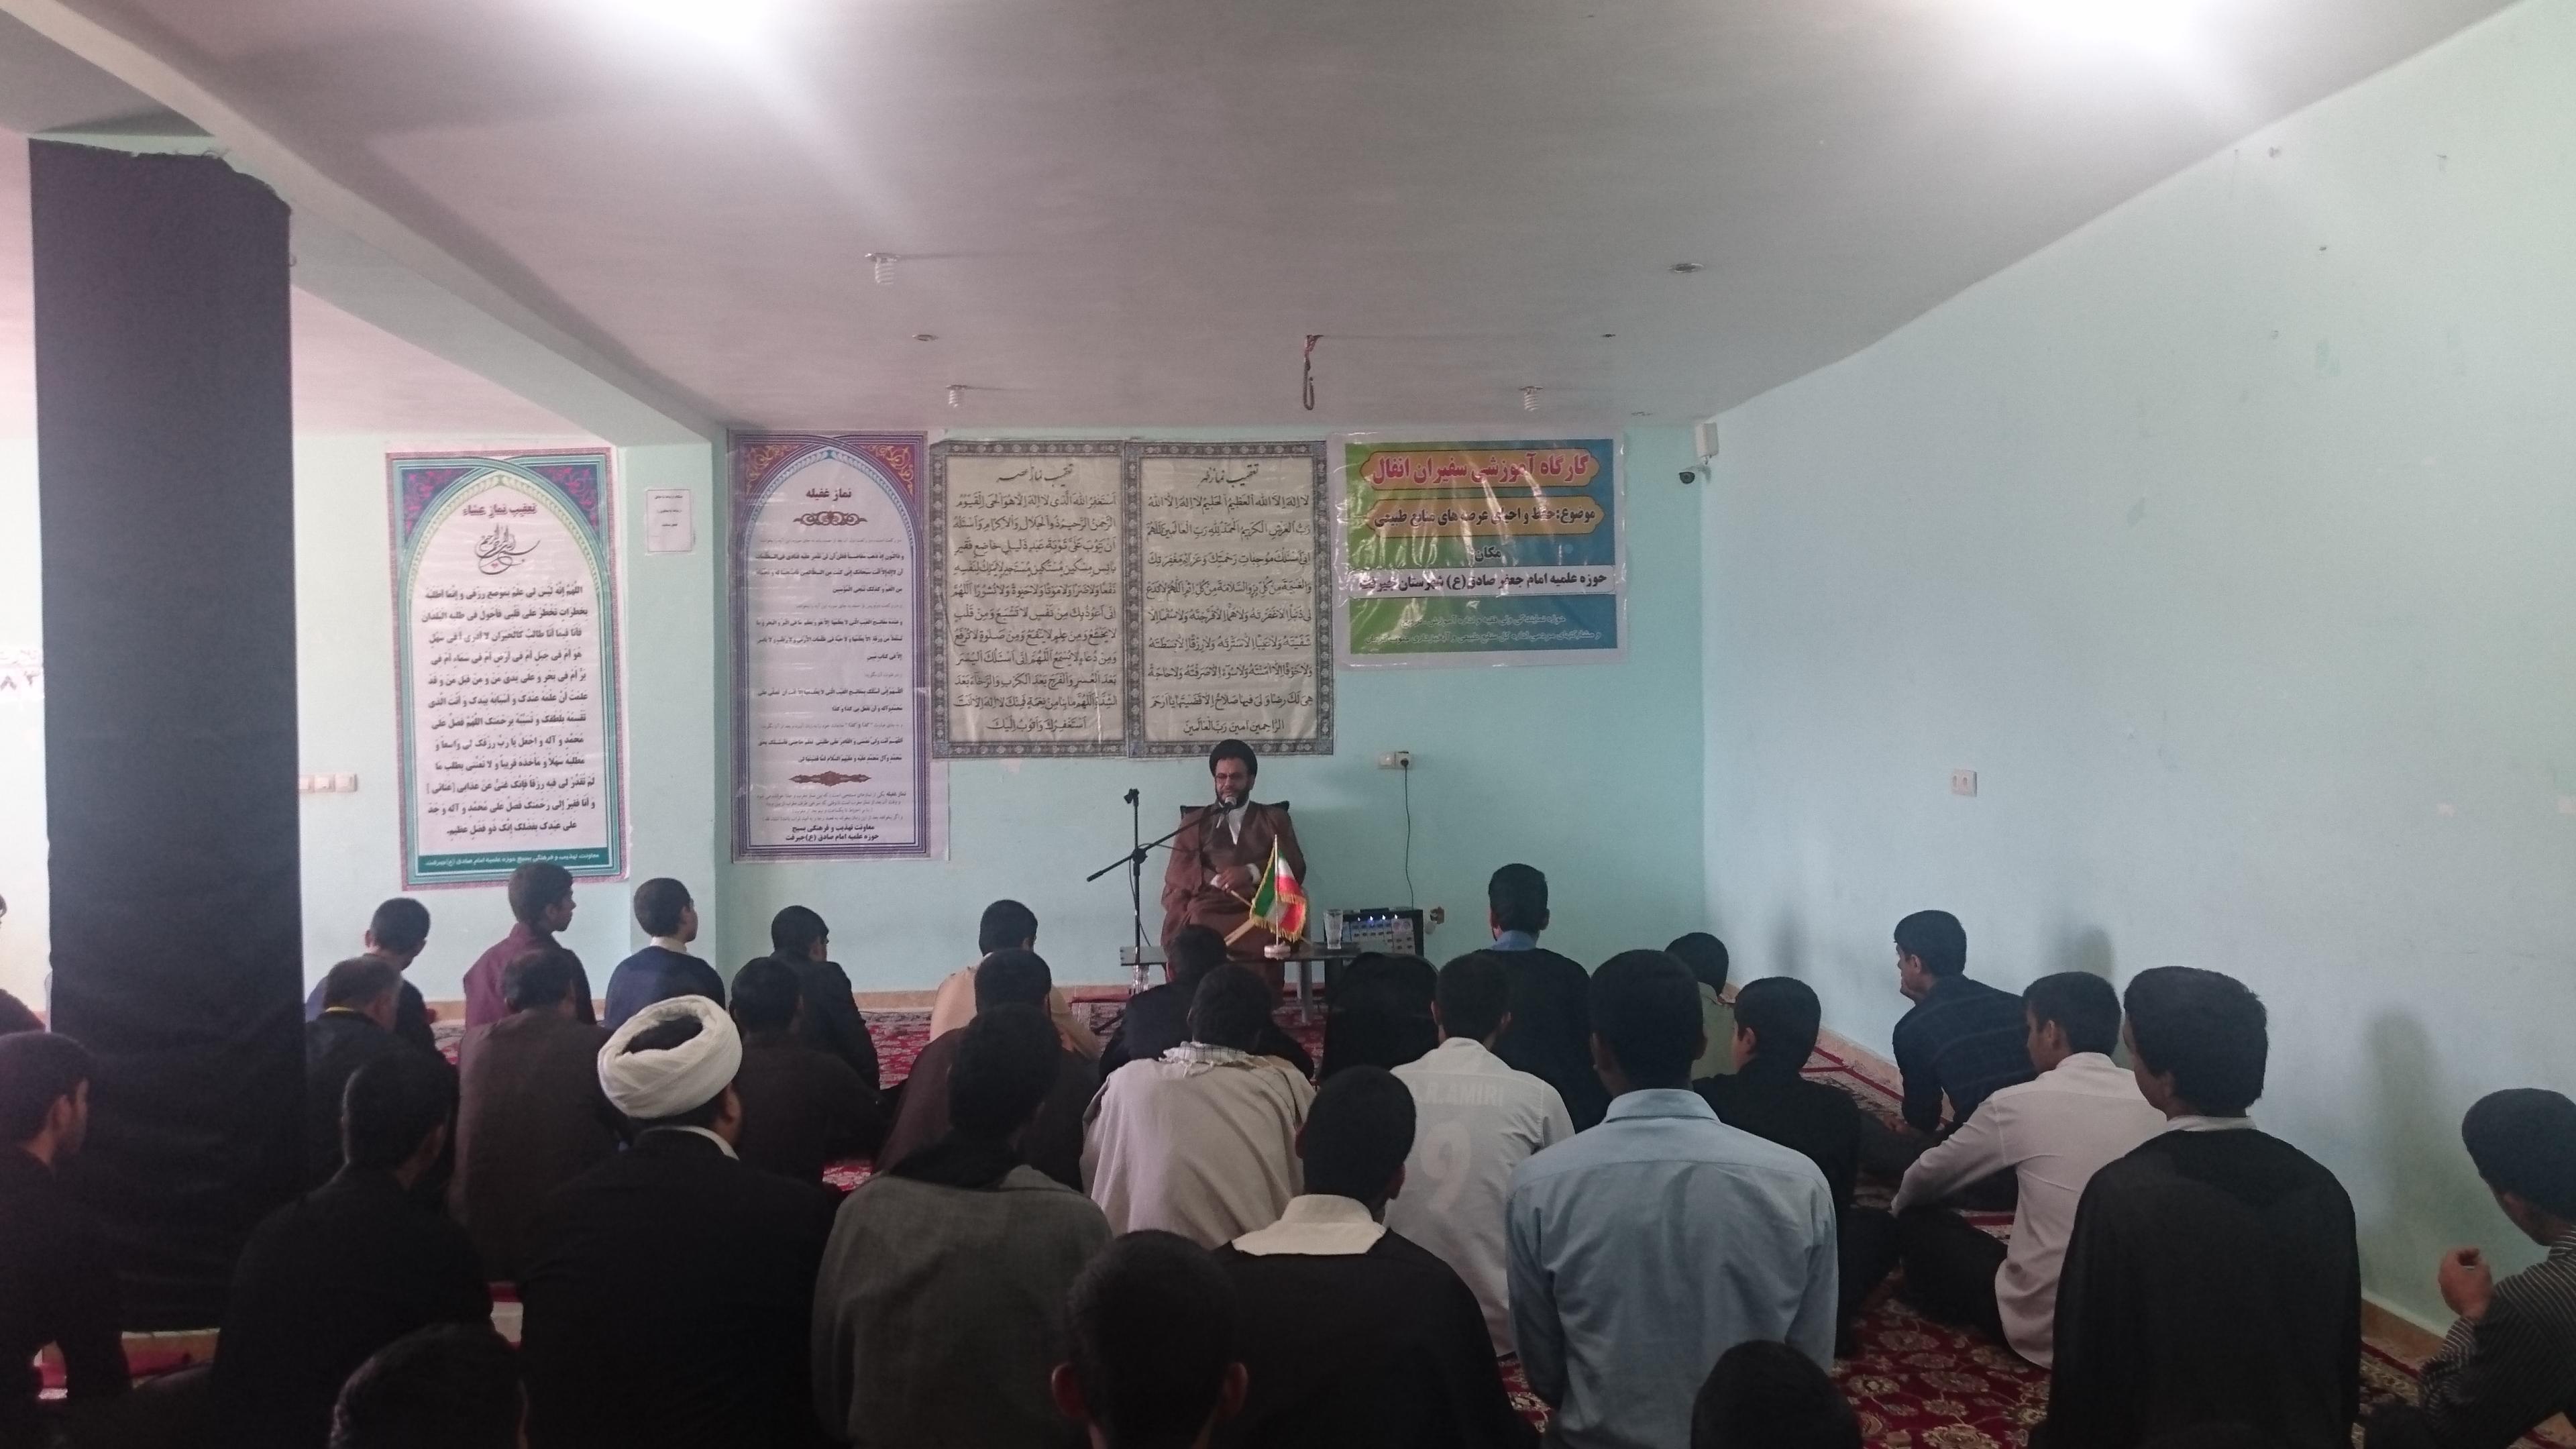 کارگاه آموزشی سفیران انفال در مدرسه امام صادق جیرفت